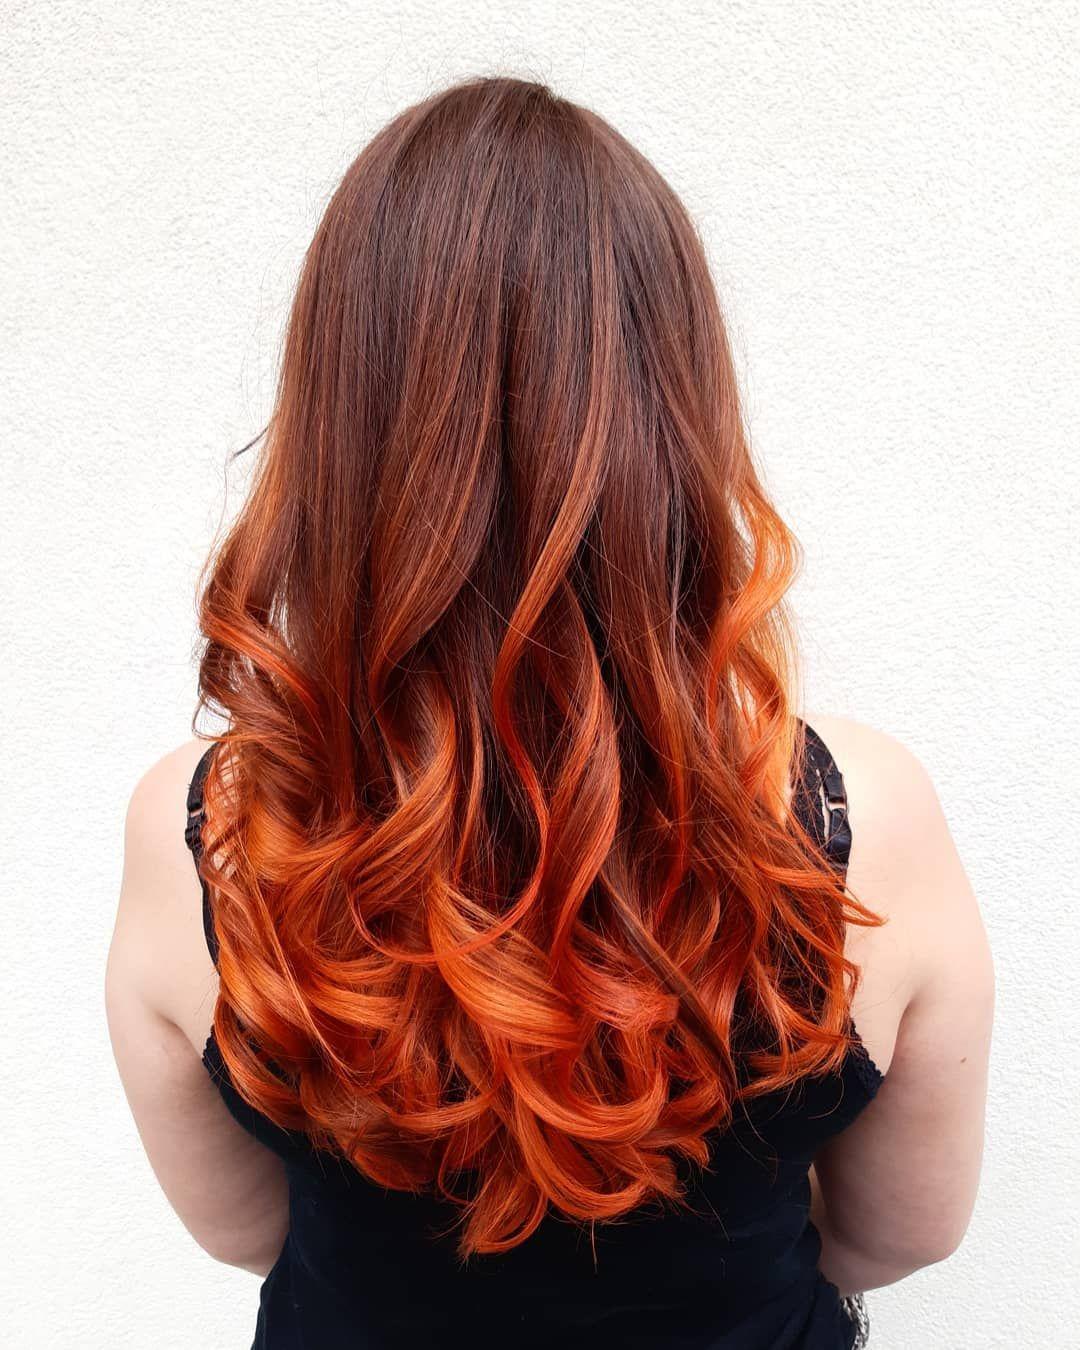 Copper Balayage Un Joli Chocolat Cuivre En Racines Qui Deviens Plus Intense En Pointes Ce Travail Short Hair Undercut Undercut Hairstyles Long Hair Styles